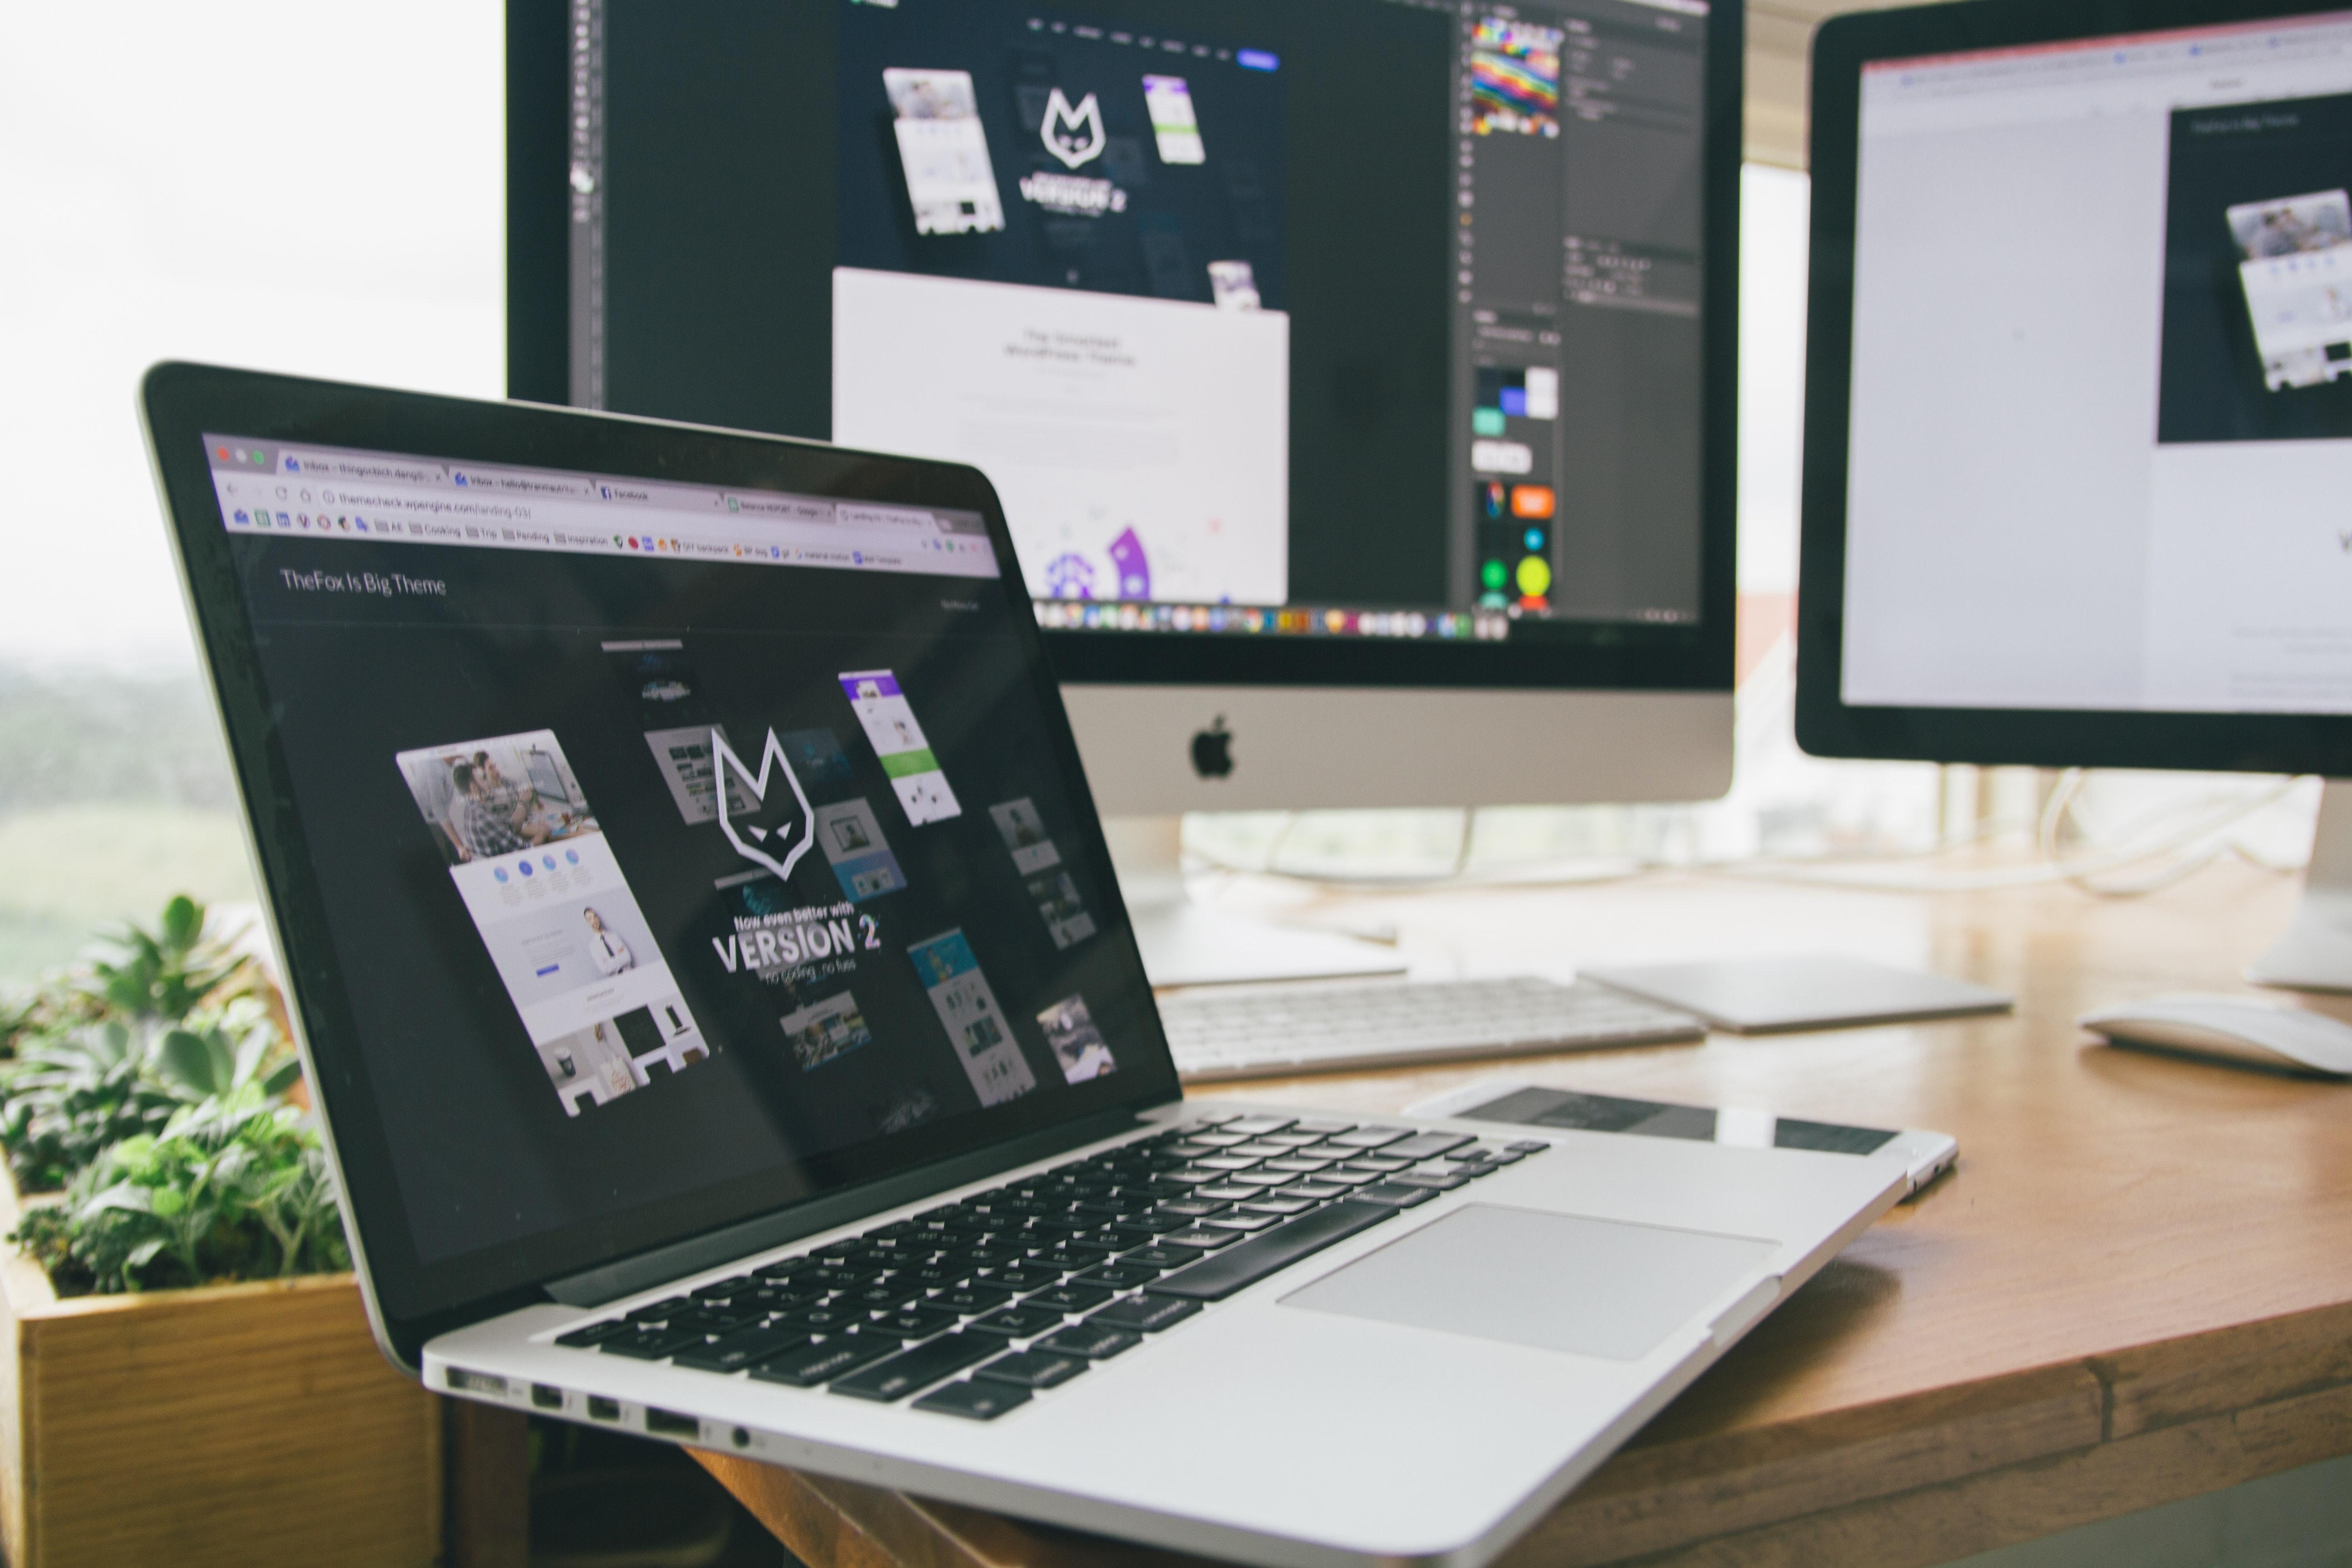 Image for website design